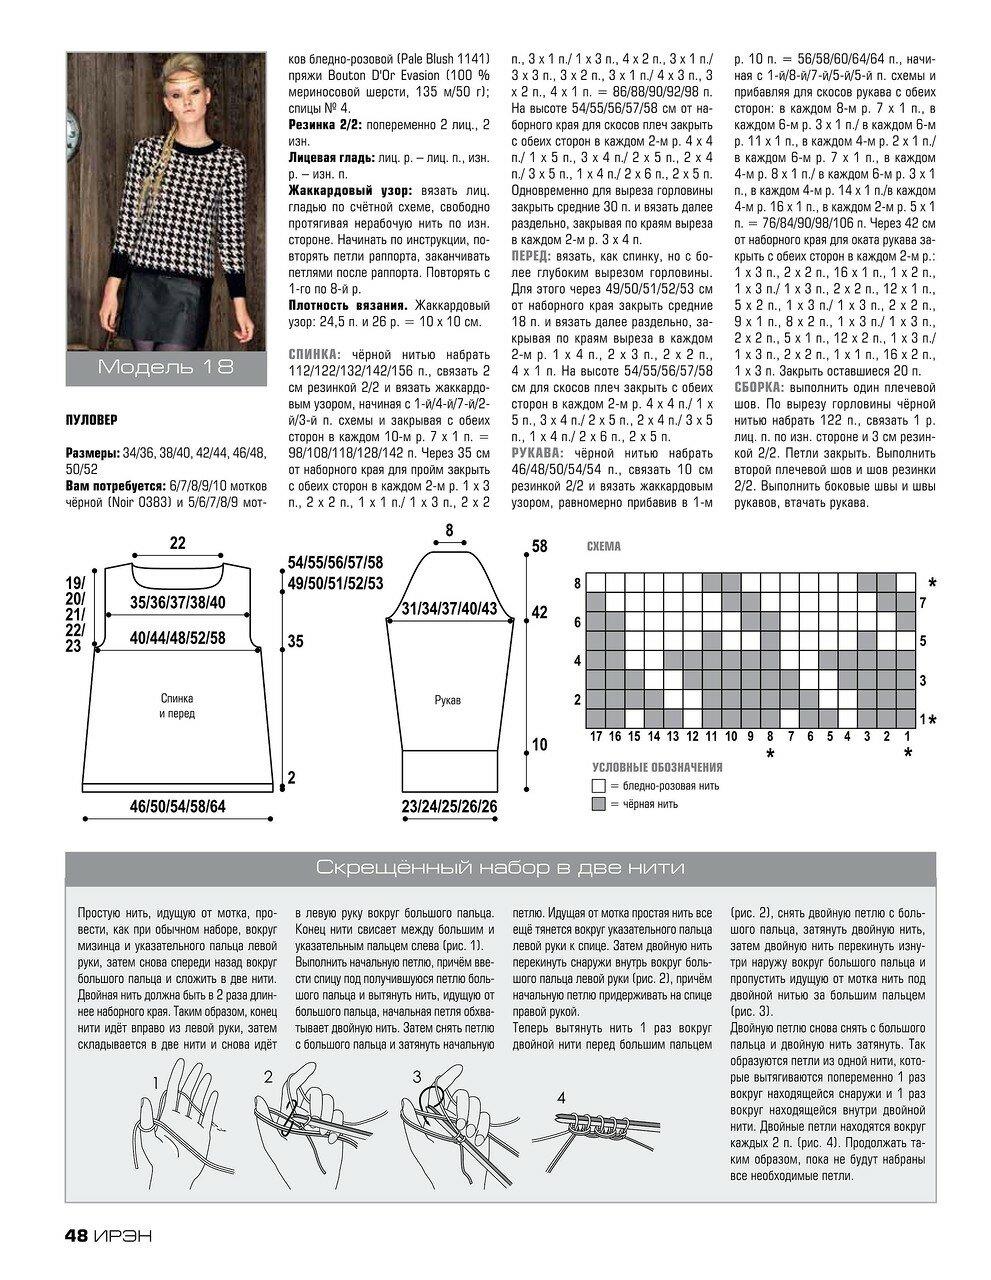 外网棒针编织(260) - 柳芯飘雪 - 柳芯飘雪的博客